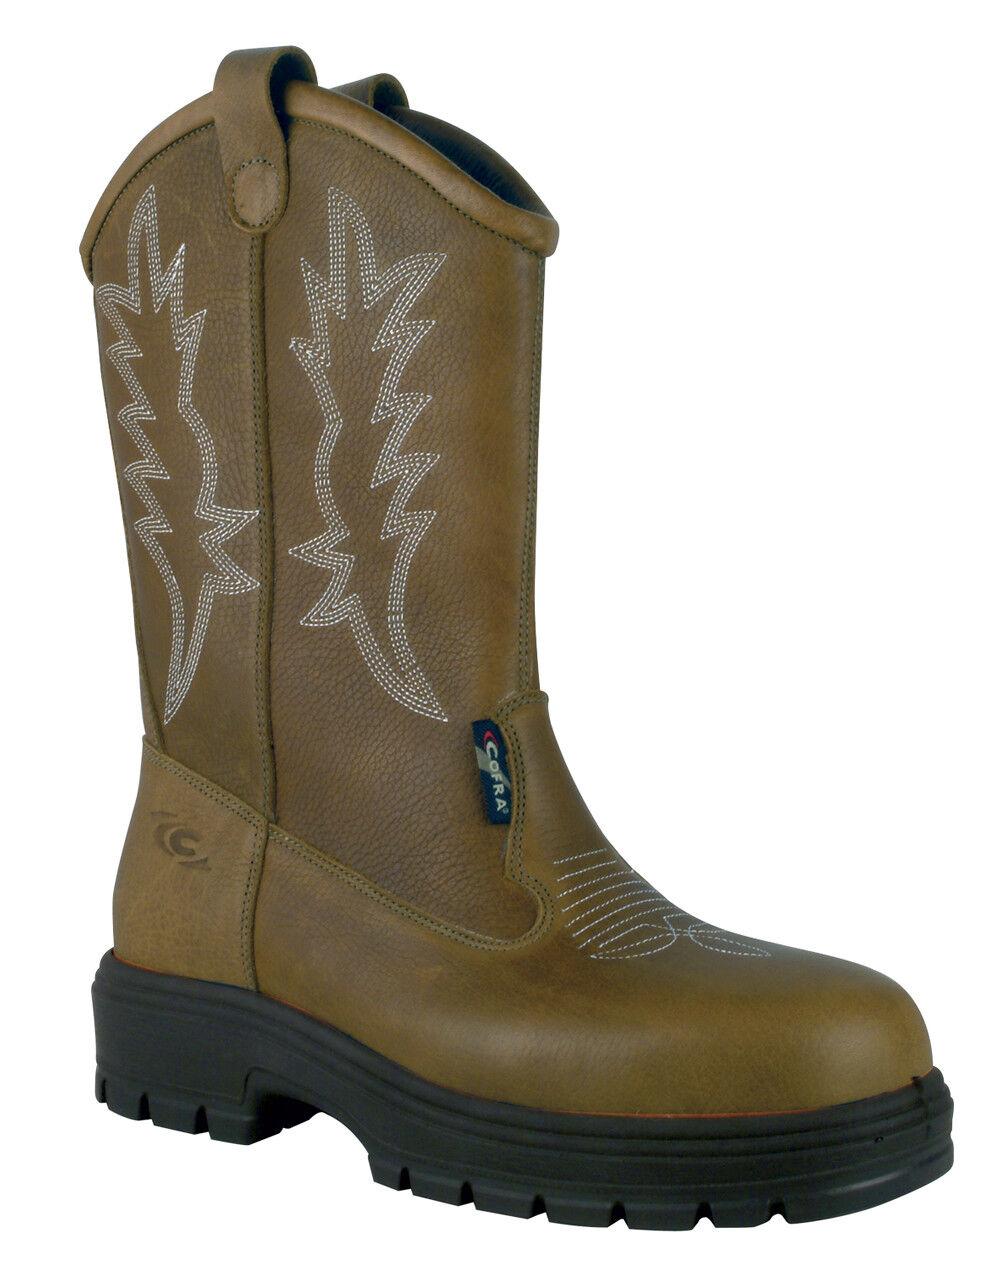 Nuevo Para hombres Cofra San Antonio tirar-en botas de seguridad occidentales-EE. UU. puede estándar de seguridad